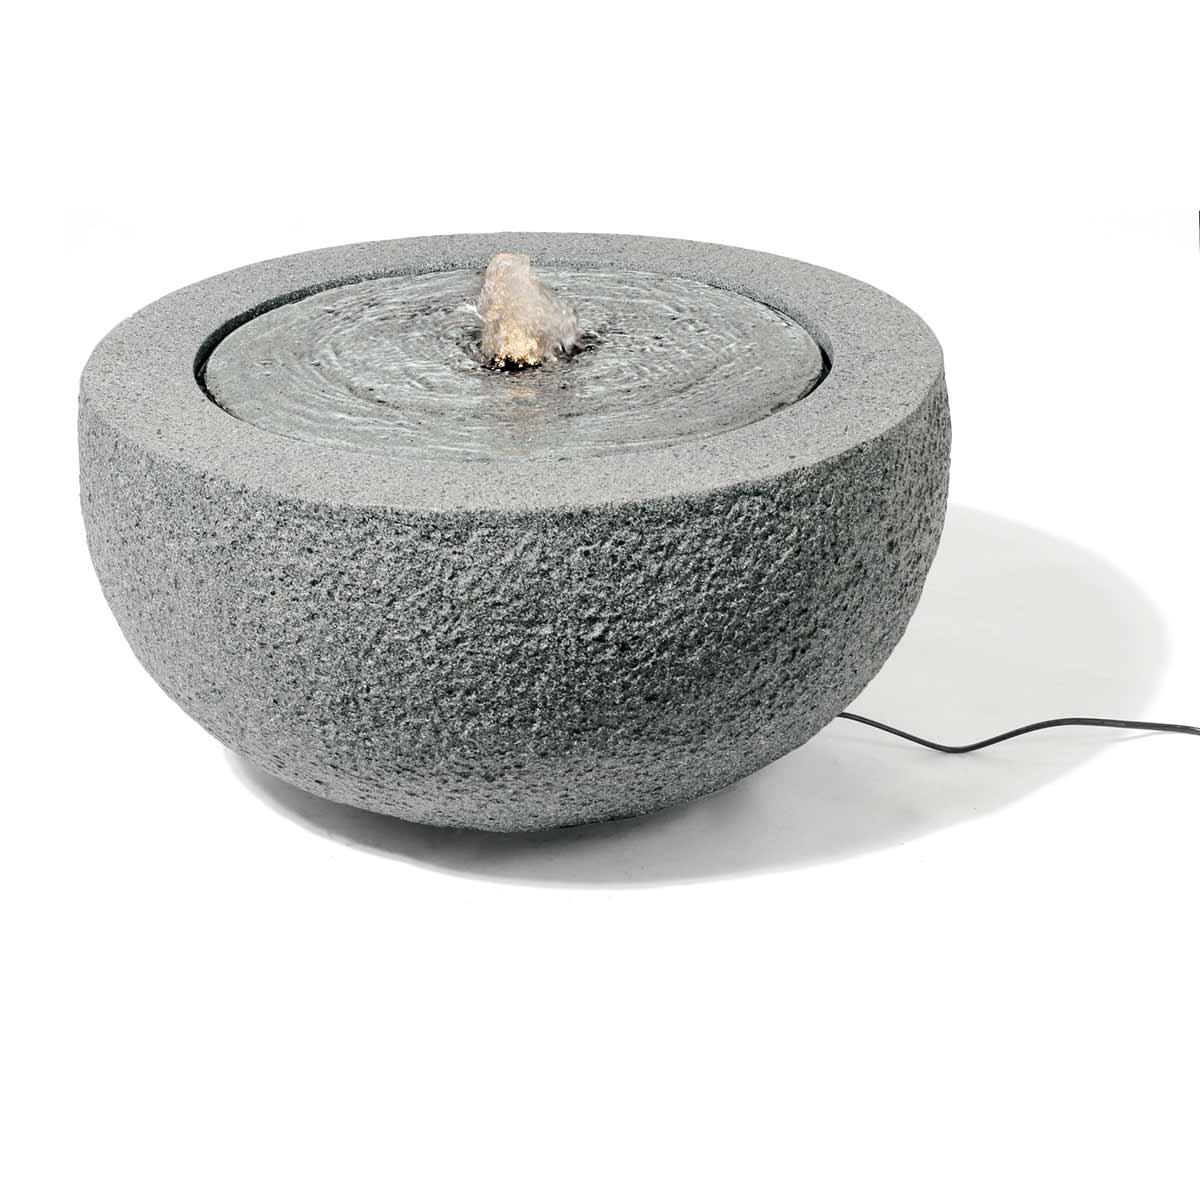 Wasserspiel Brunnen, aus GFK, Granit Grey, D 570 x 290 mm, 12 V, 7.5 kg